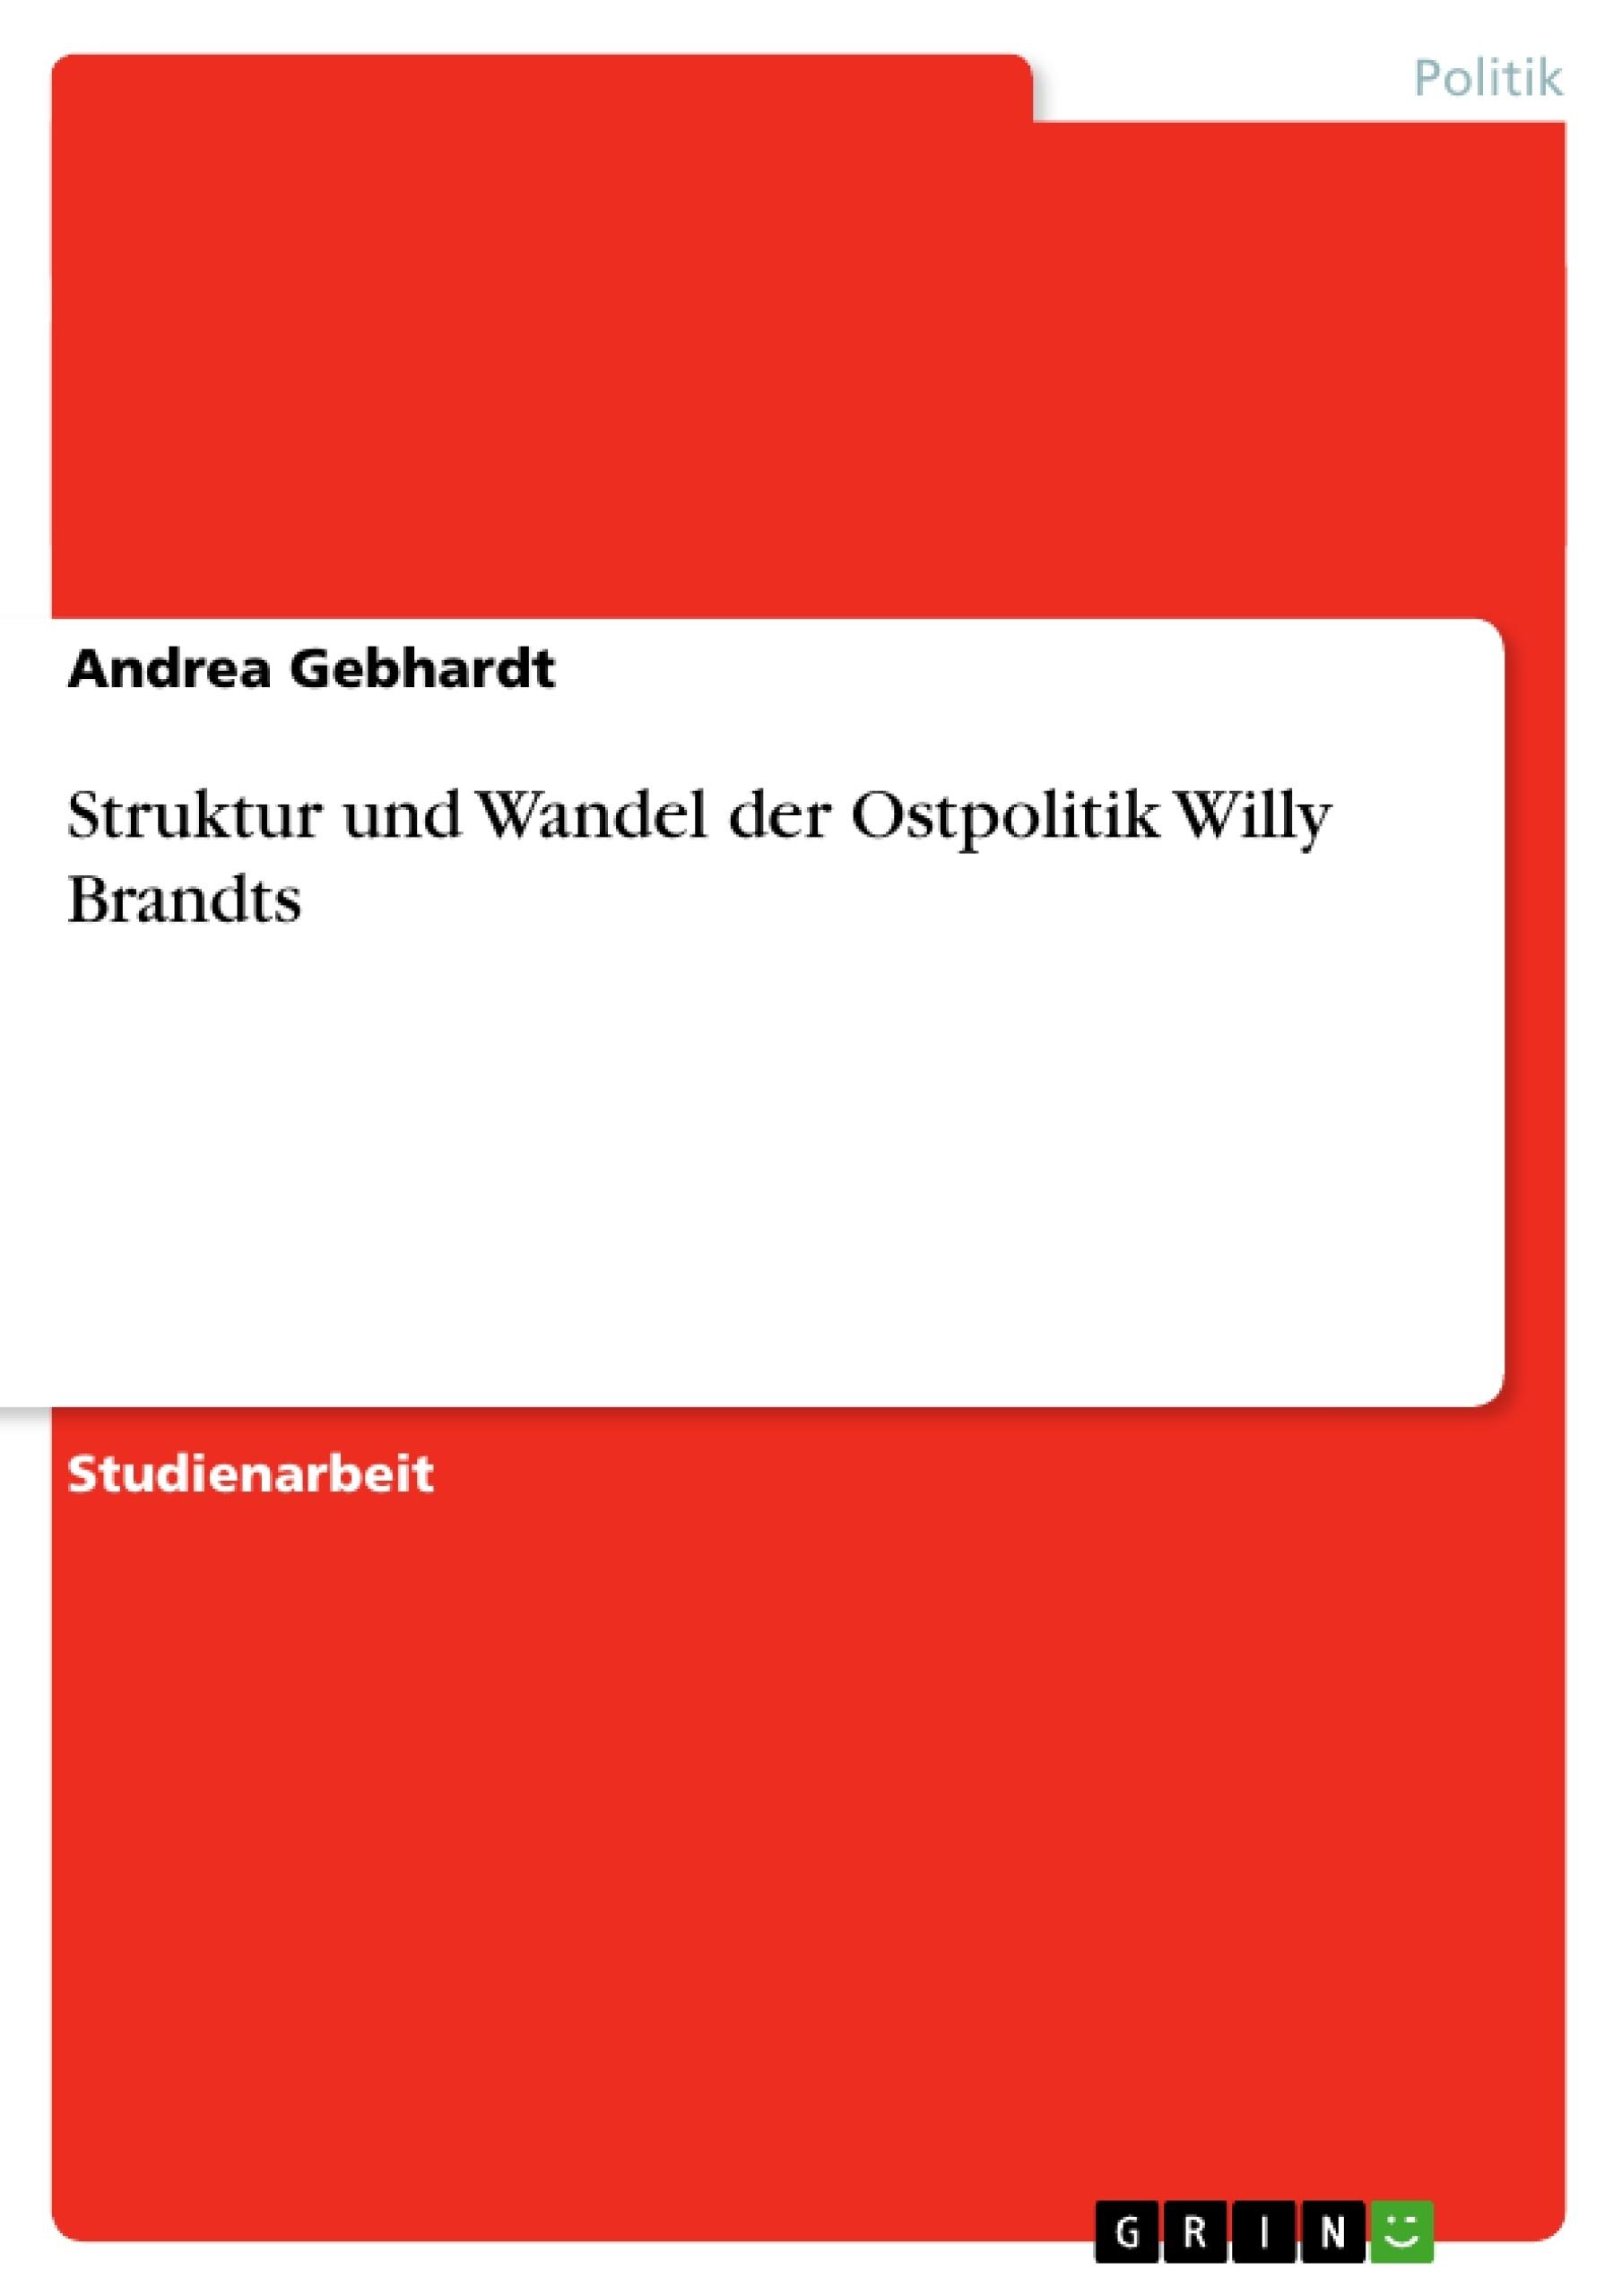 Titel: Struktur und Wandel der Ostpolitik Willy Brandts